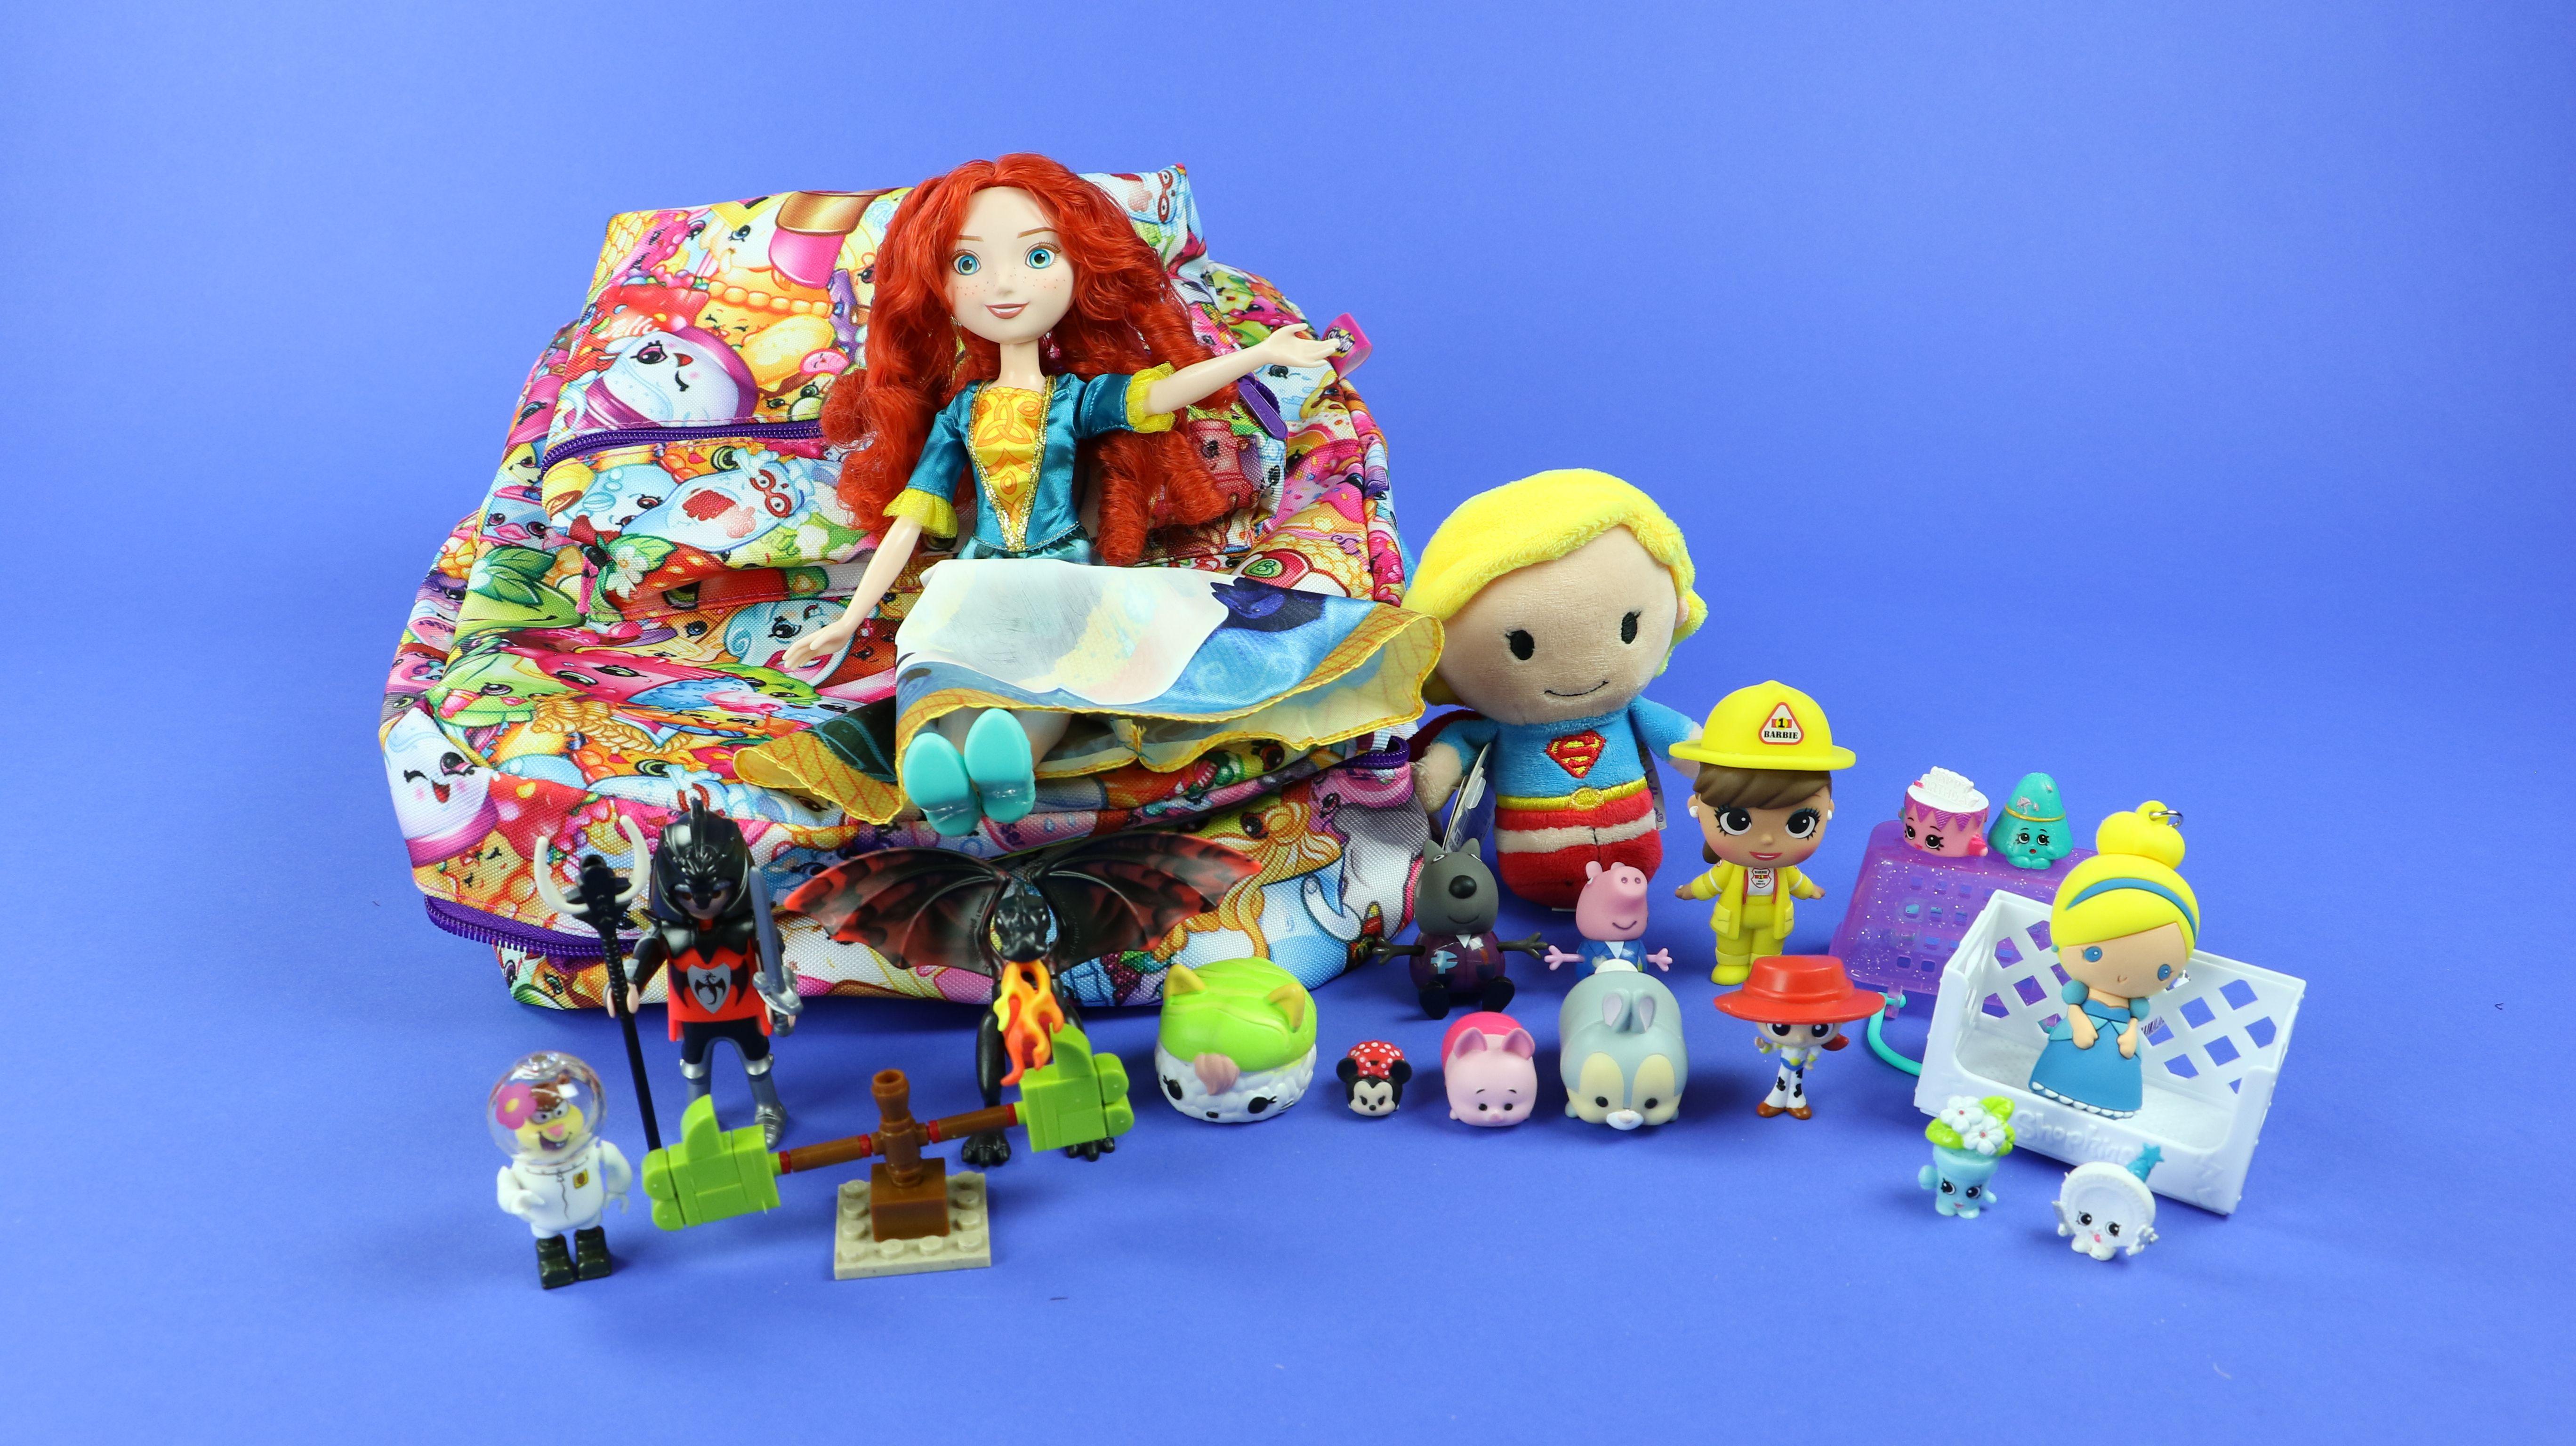 Mochila de juguetes sorpresa!